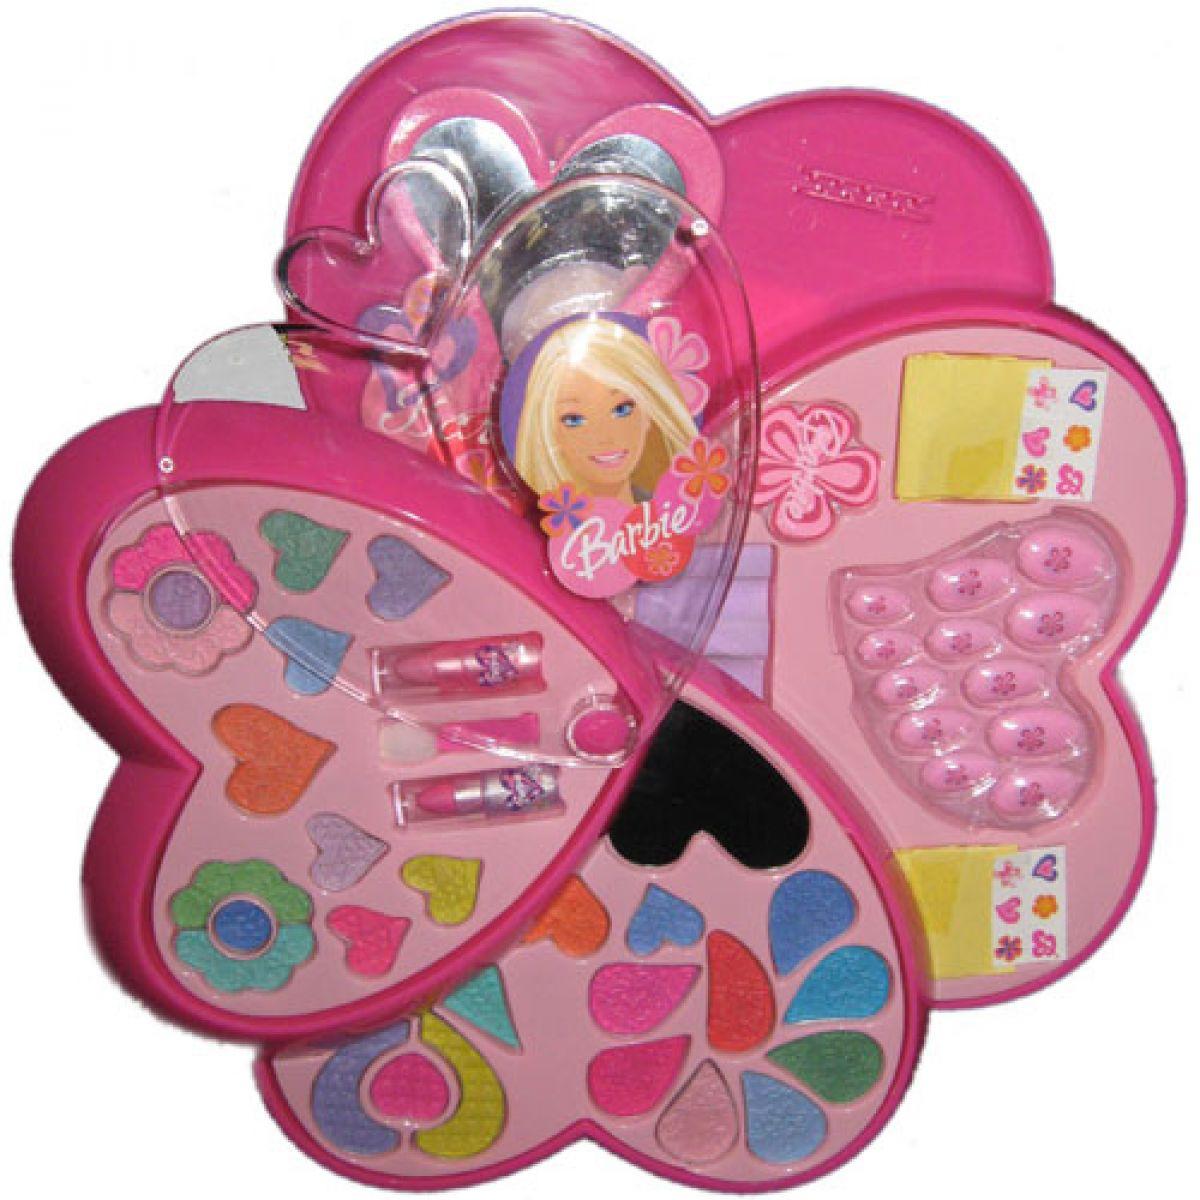 Barbie Kosmetická sada 4 patra